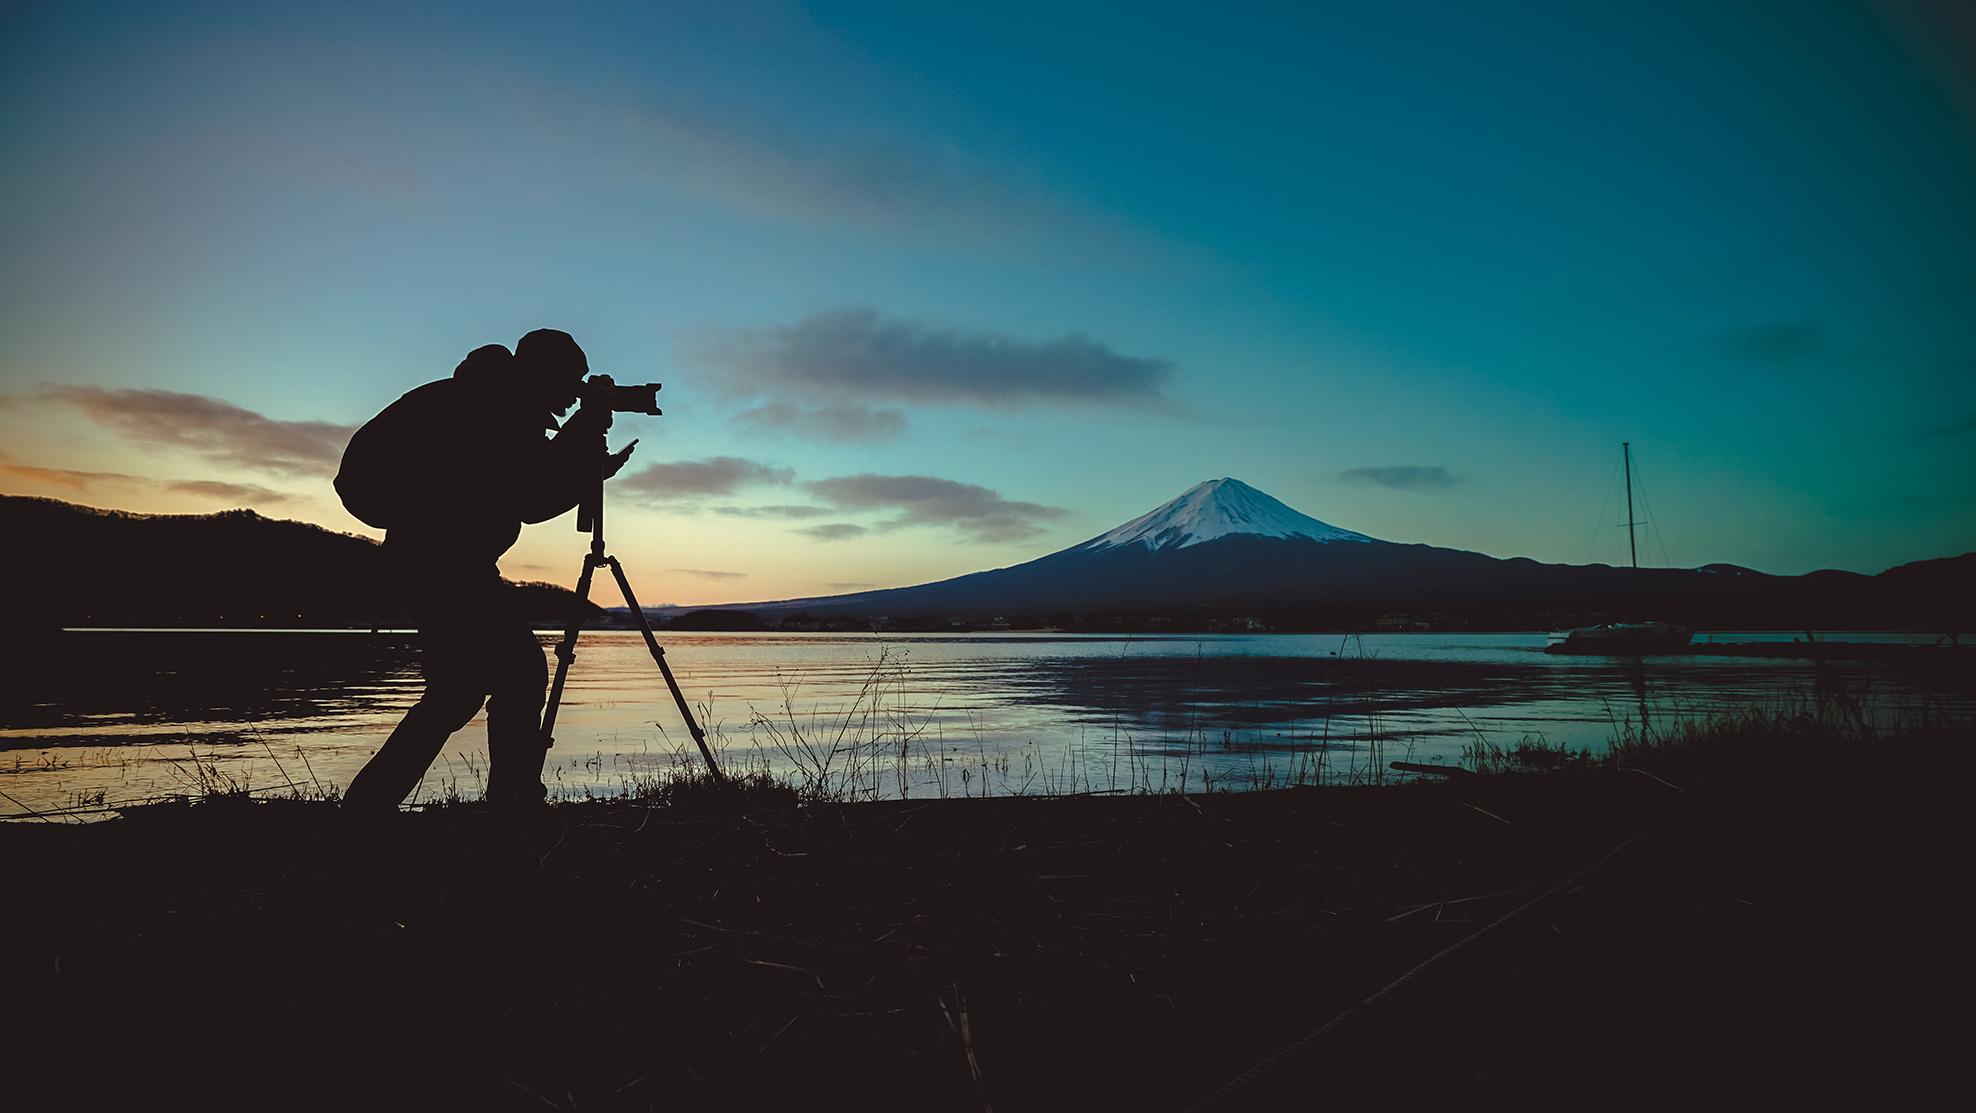 Få passiv indkomst ved at sælge billeder på Shutterstock